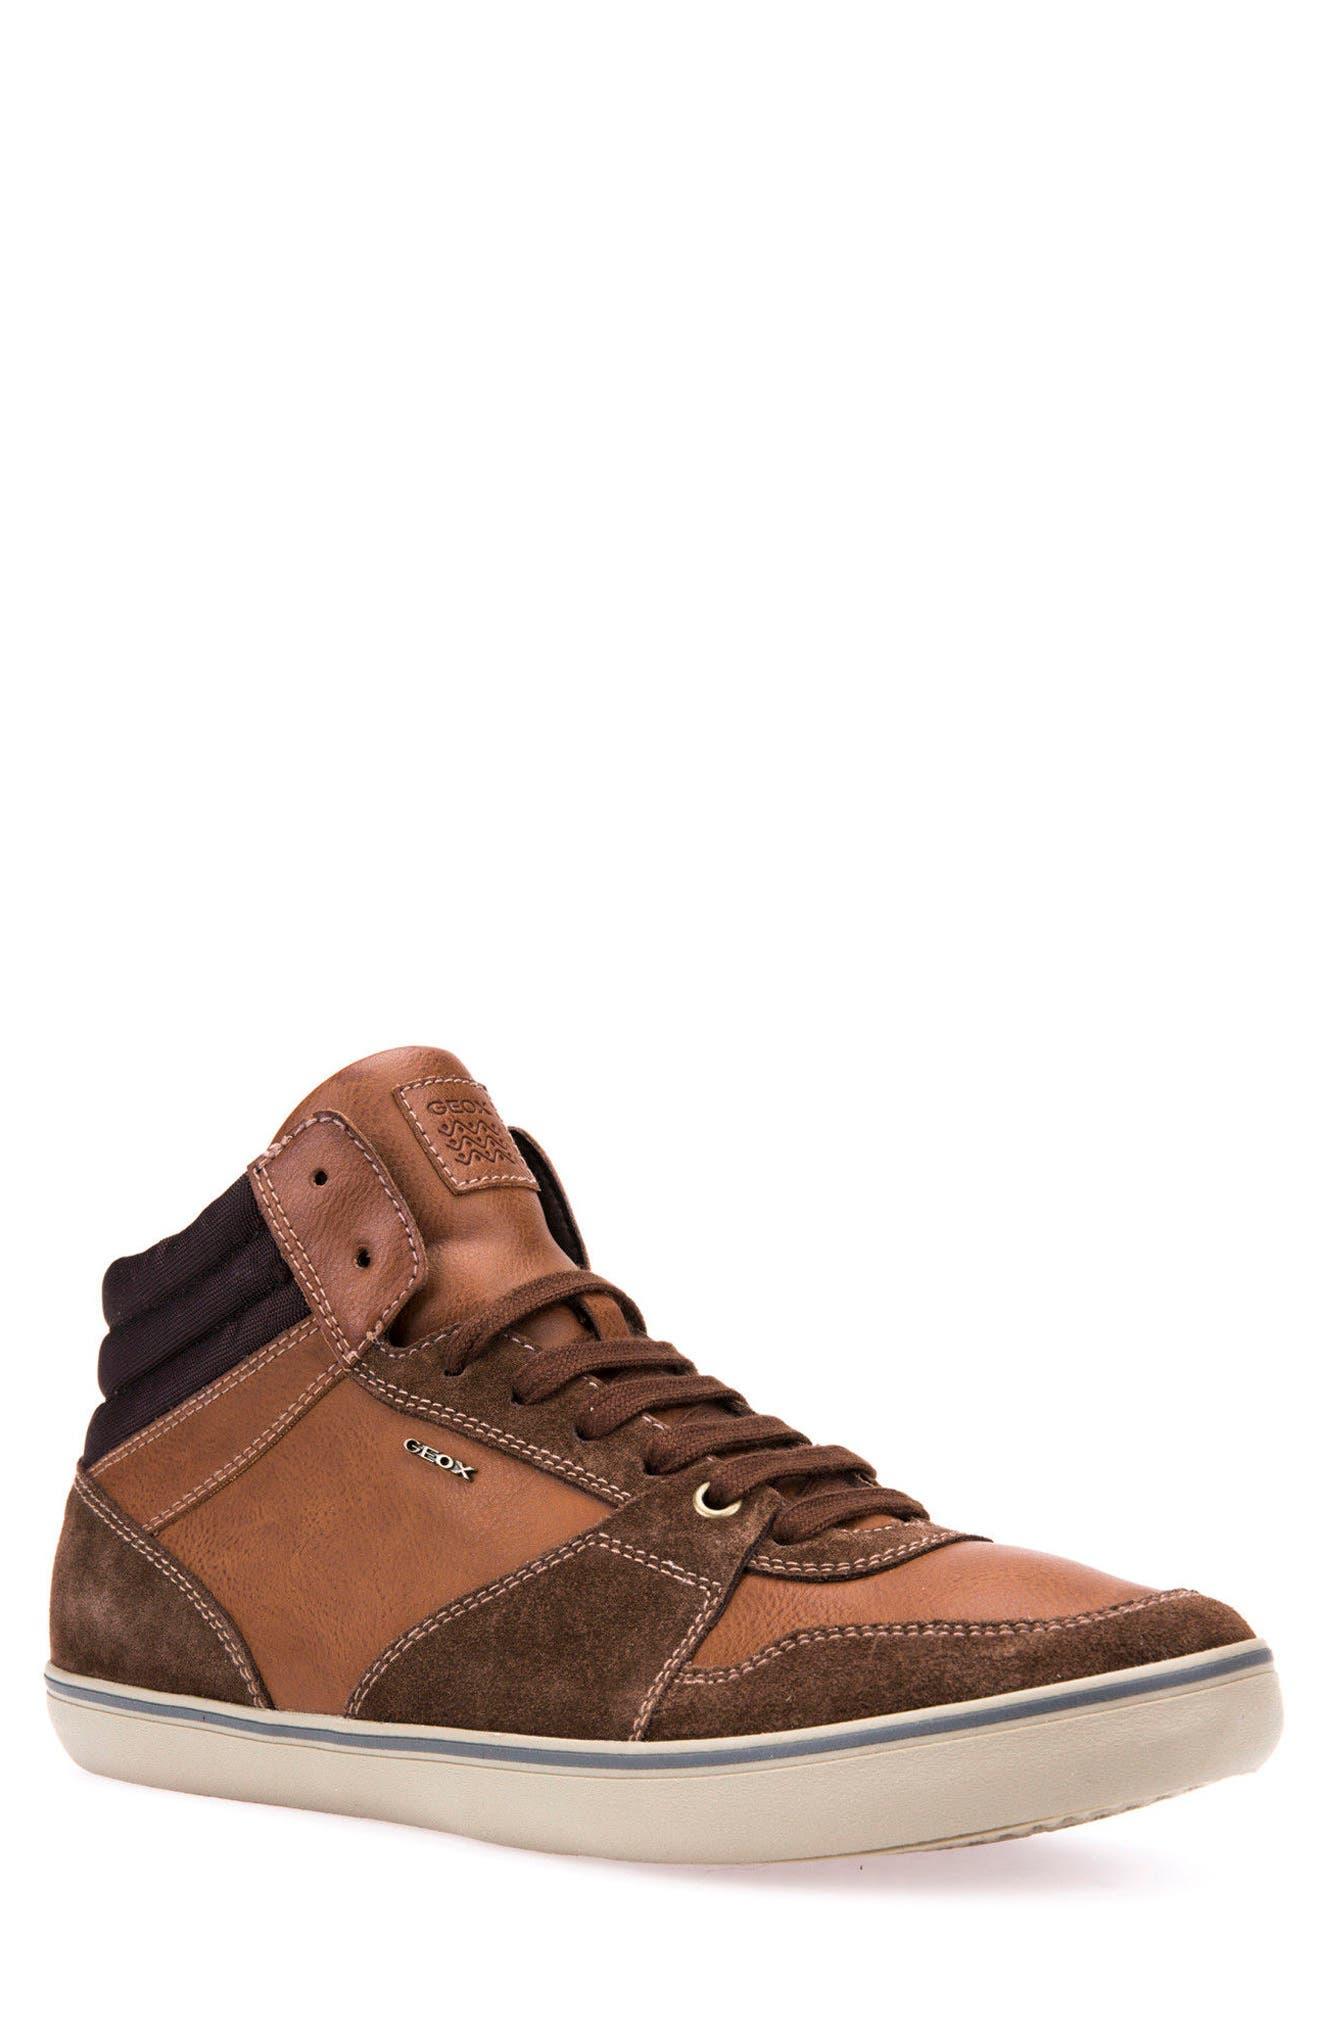 Main Image - Geox Box 30 High Top Sneaker (Men)